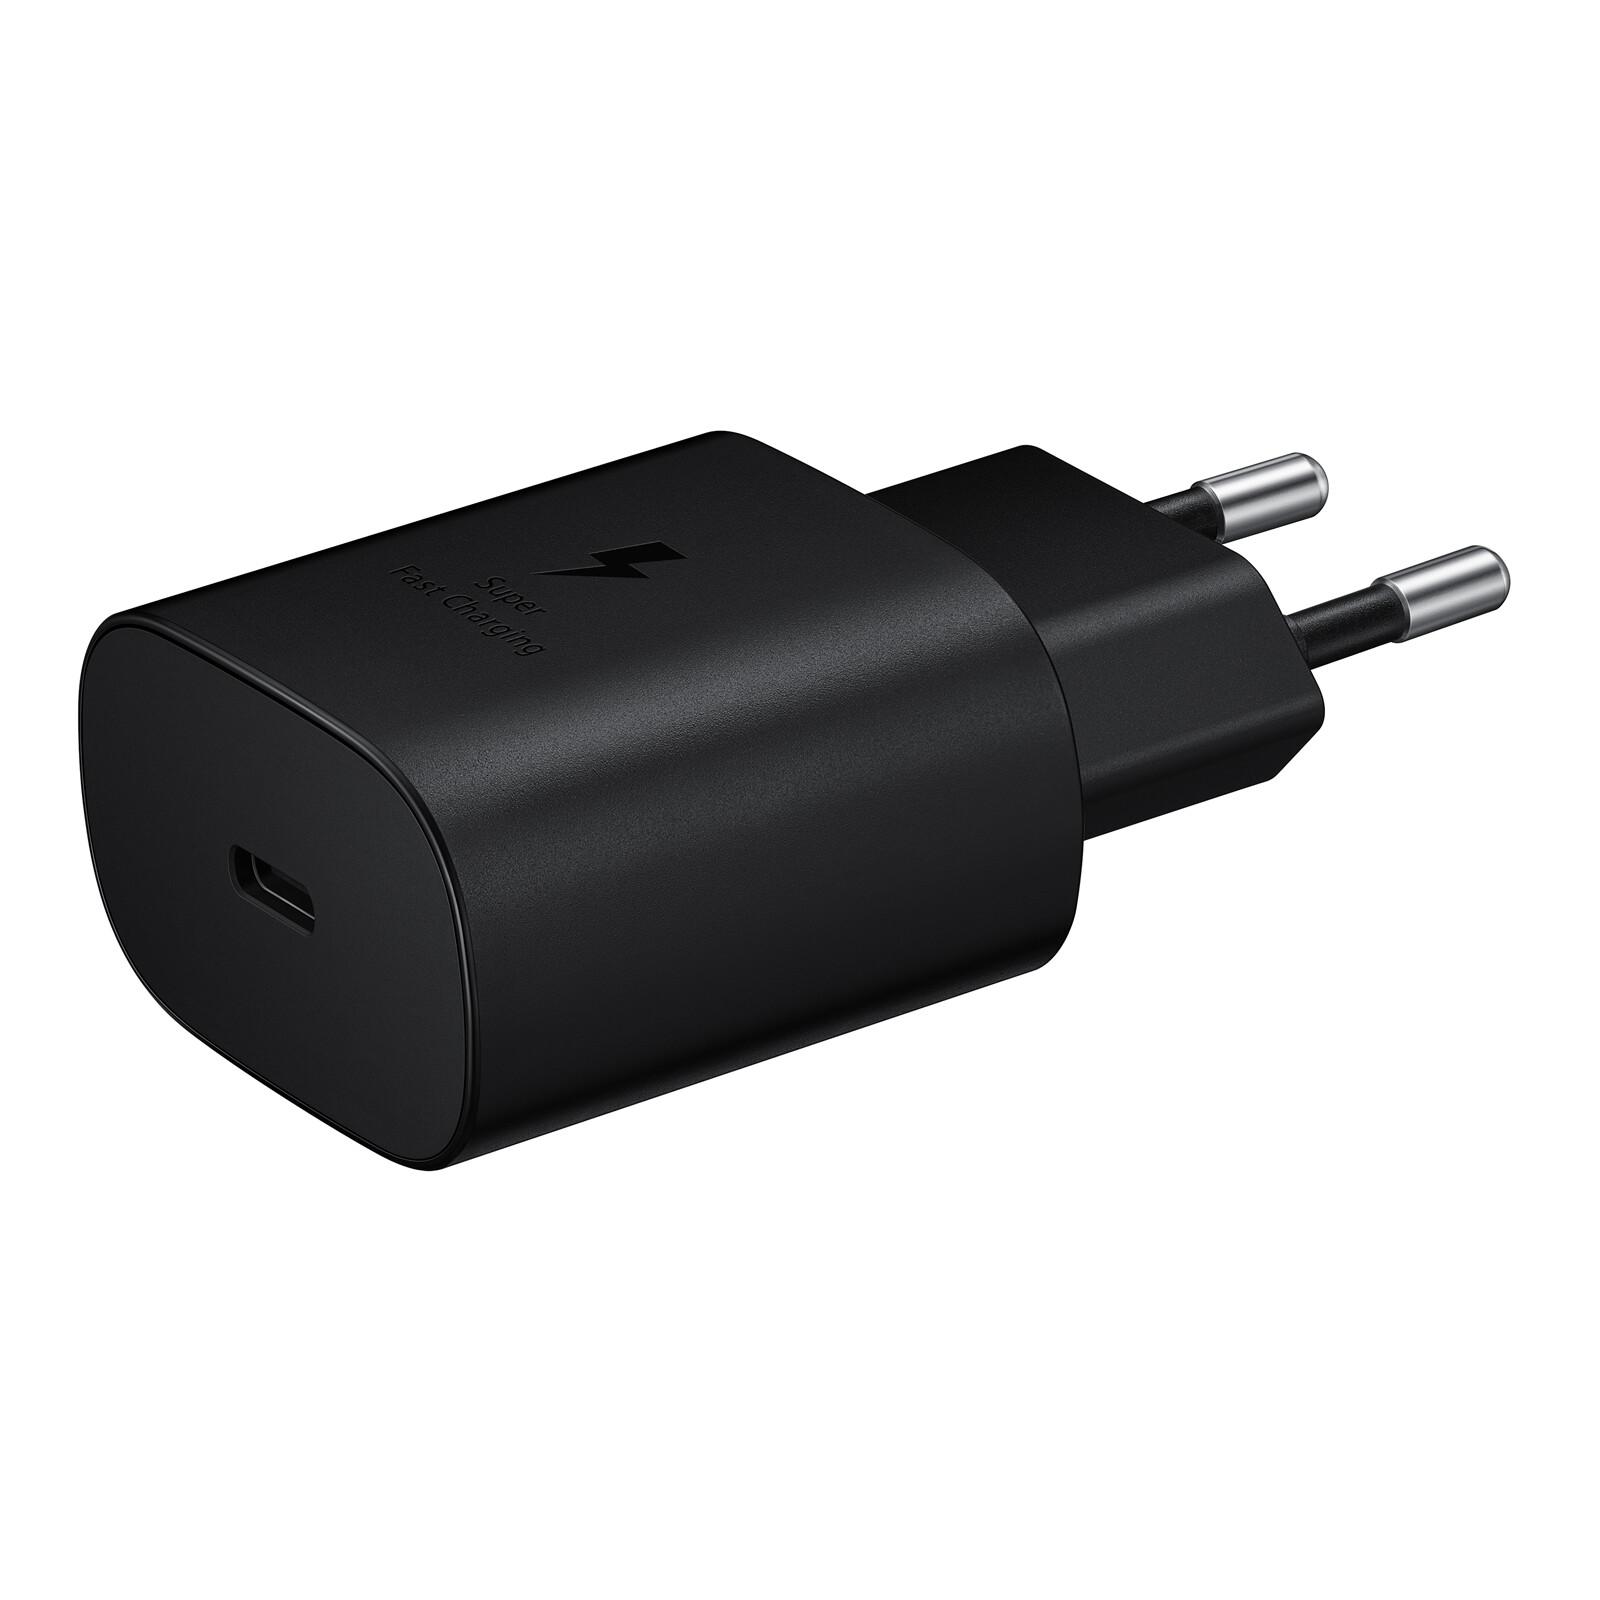 Samsung Original USB-C 25W Reiselader / Ladegerät schwarz